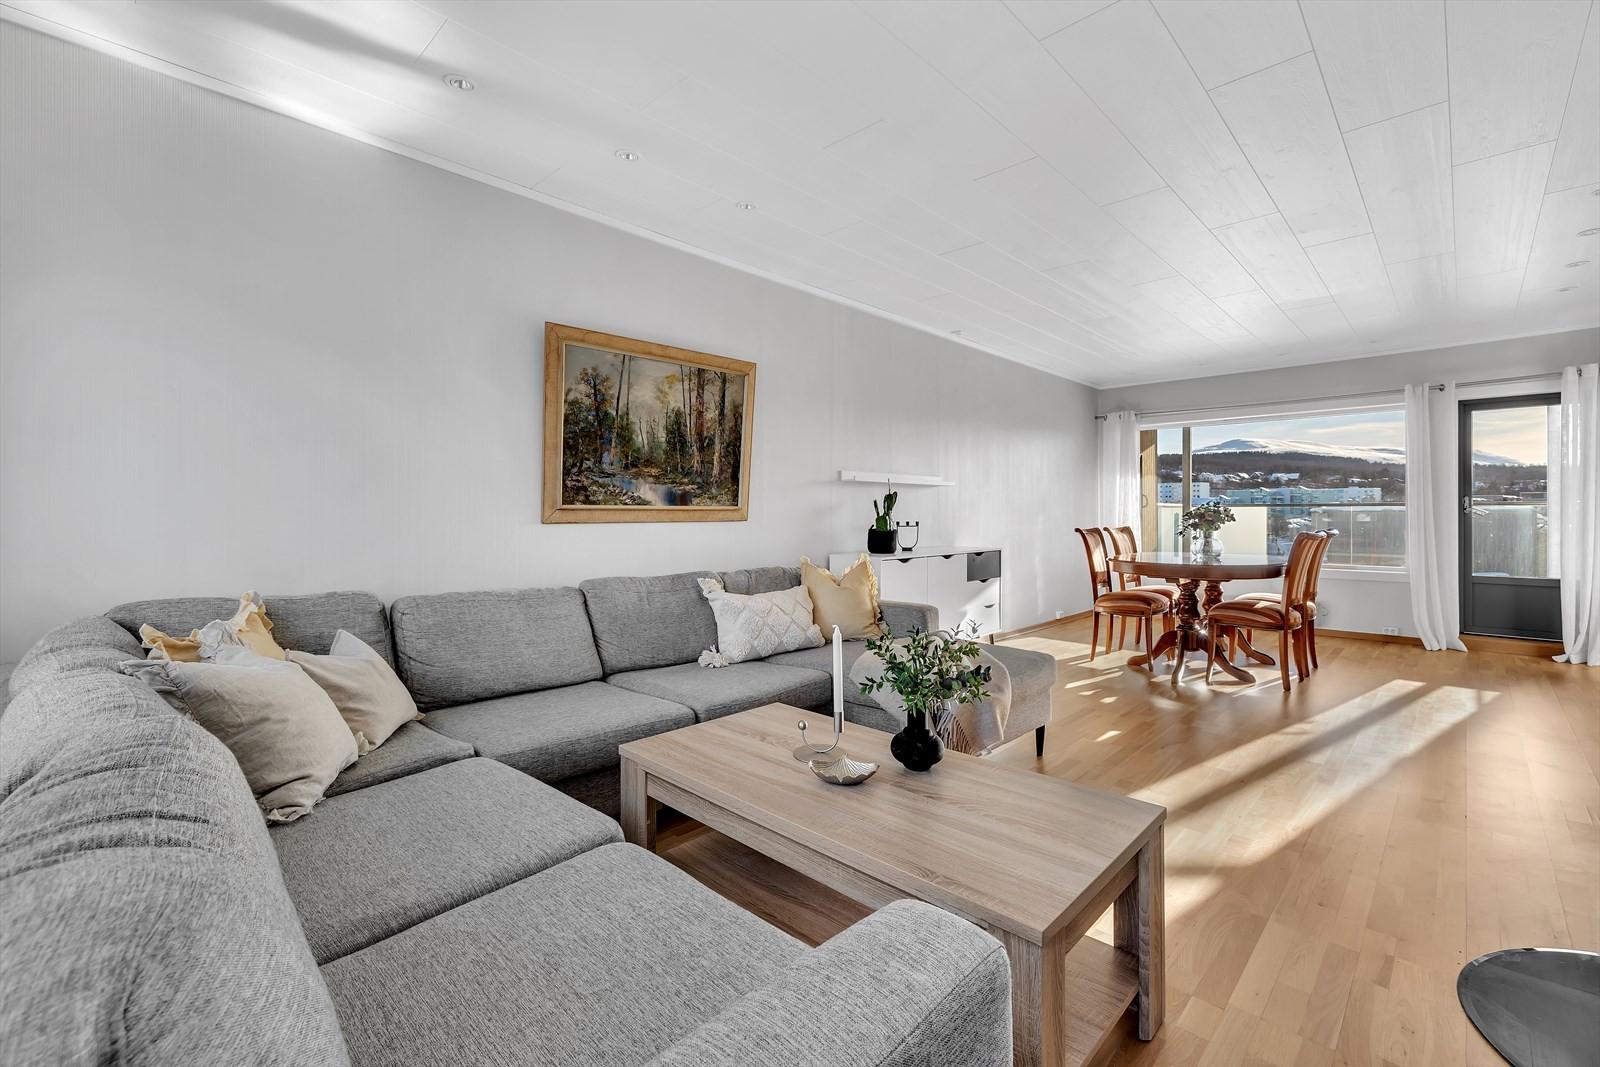 Rommelig stue med god lysgjennomgang med vinduer på begge sider.